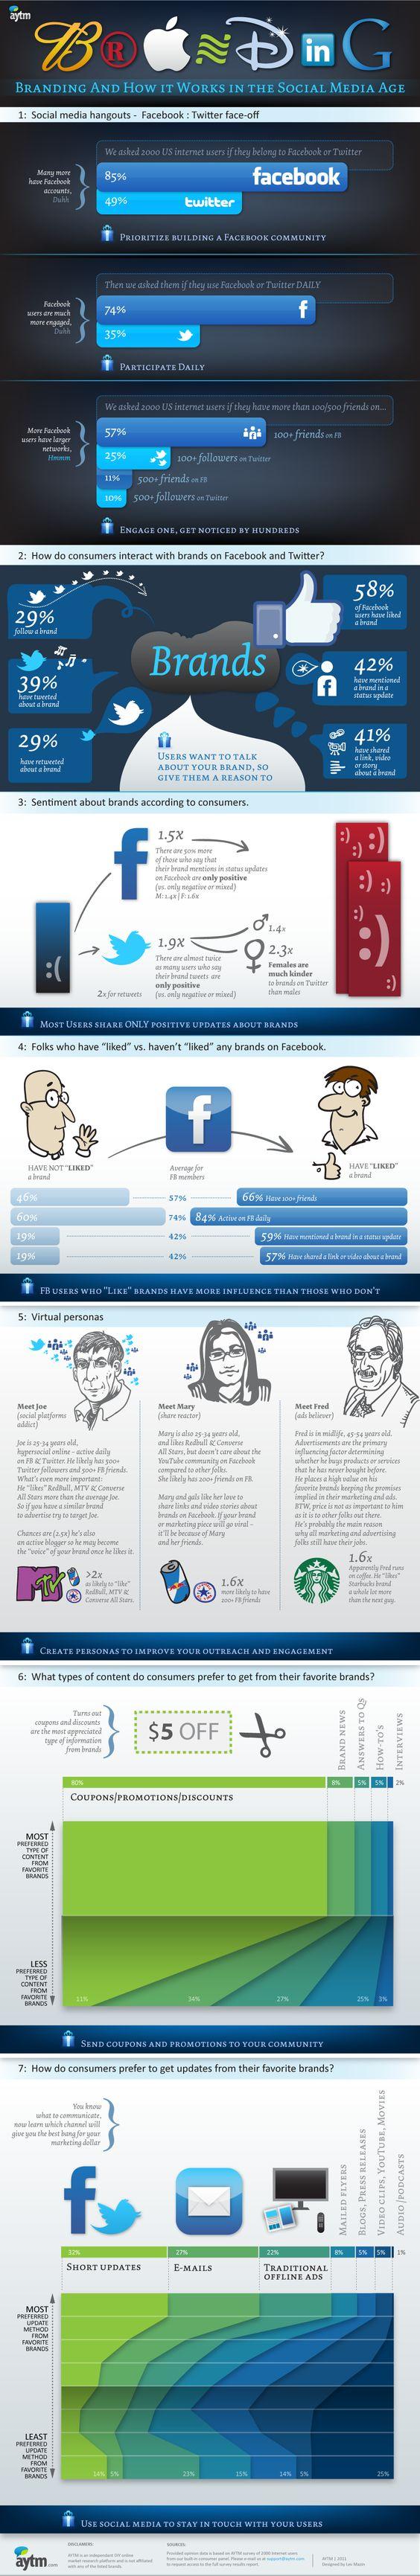 Dicas para o branding da marca nas mídias sociais